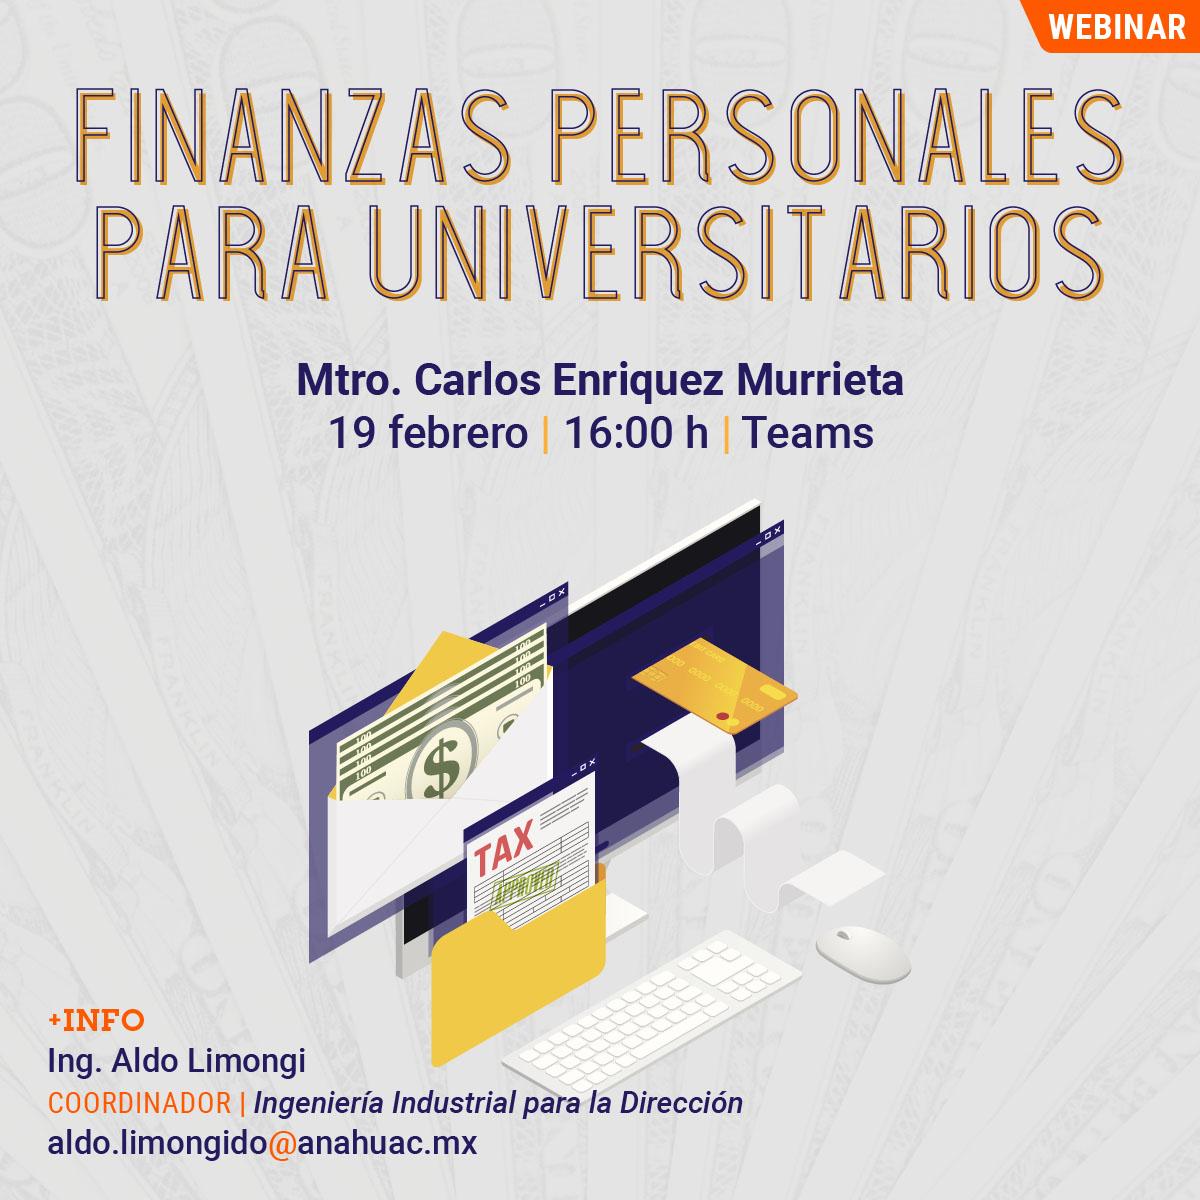 Finanzas Personales para Universitarios